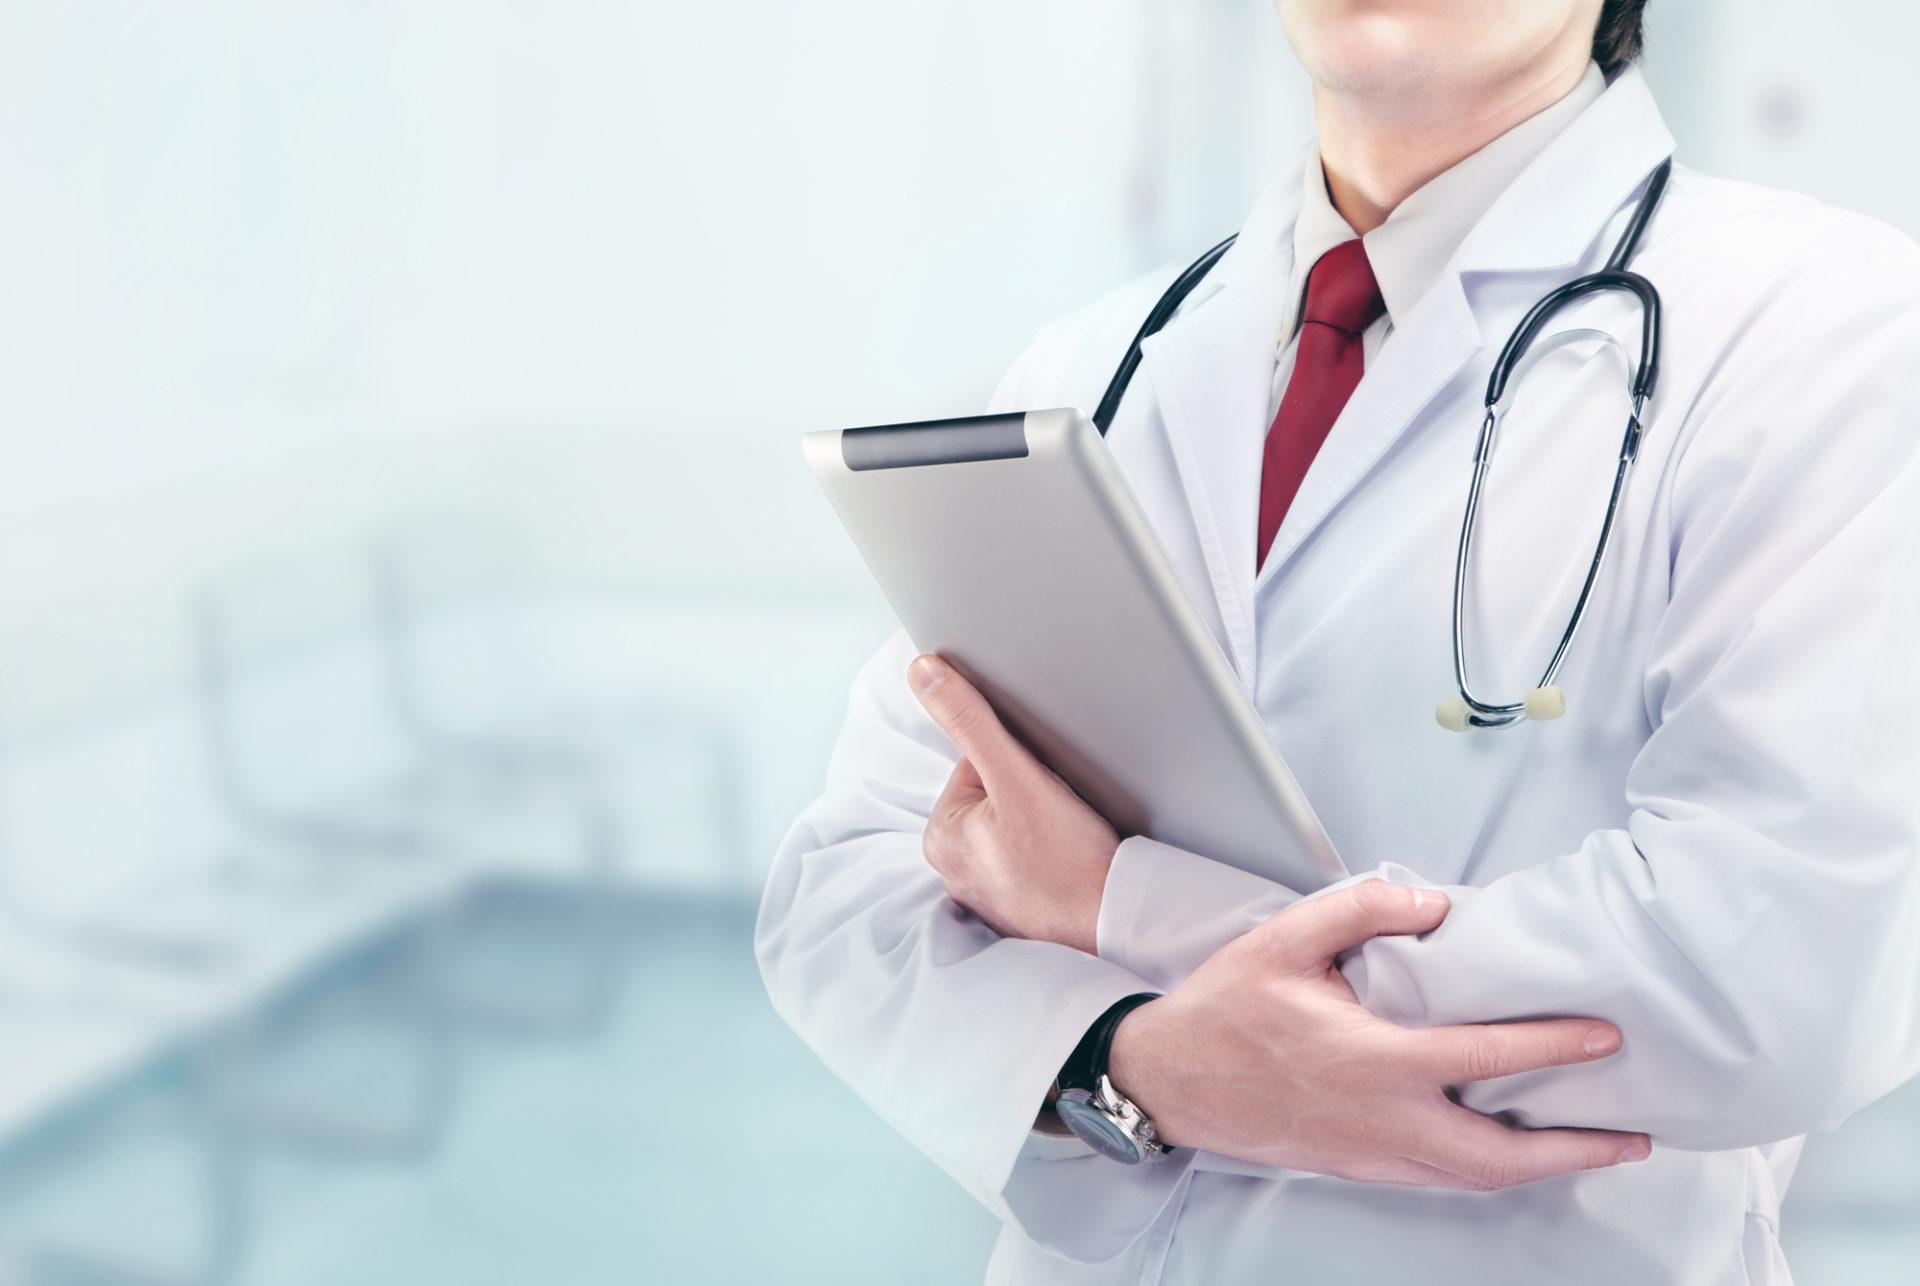 Показания для проведения троакарной цистостомии